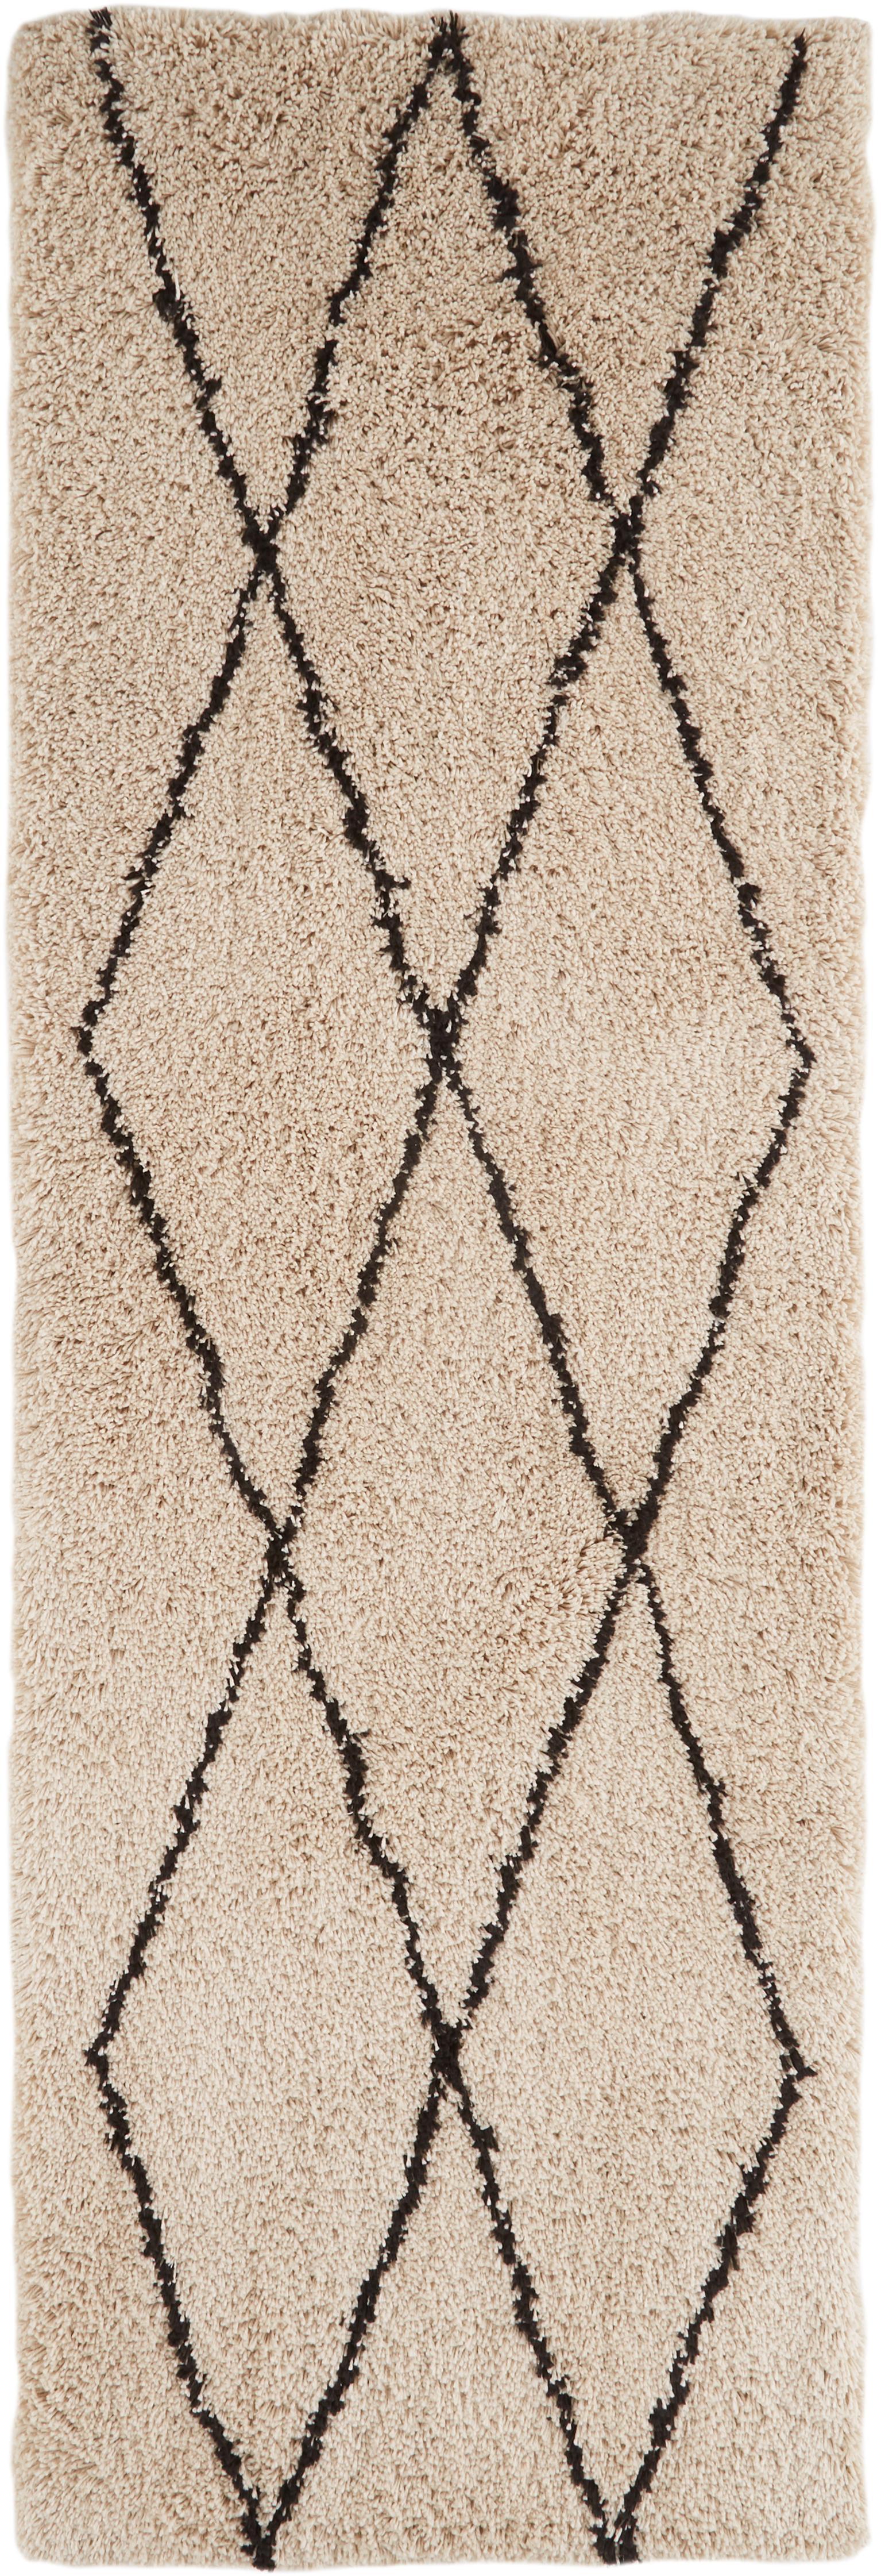 Ręcznie tuftowany chodnik Nouria, Beżowy, czarny, S 80 x D 250 cm